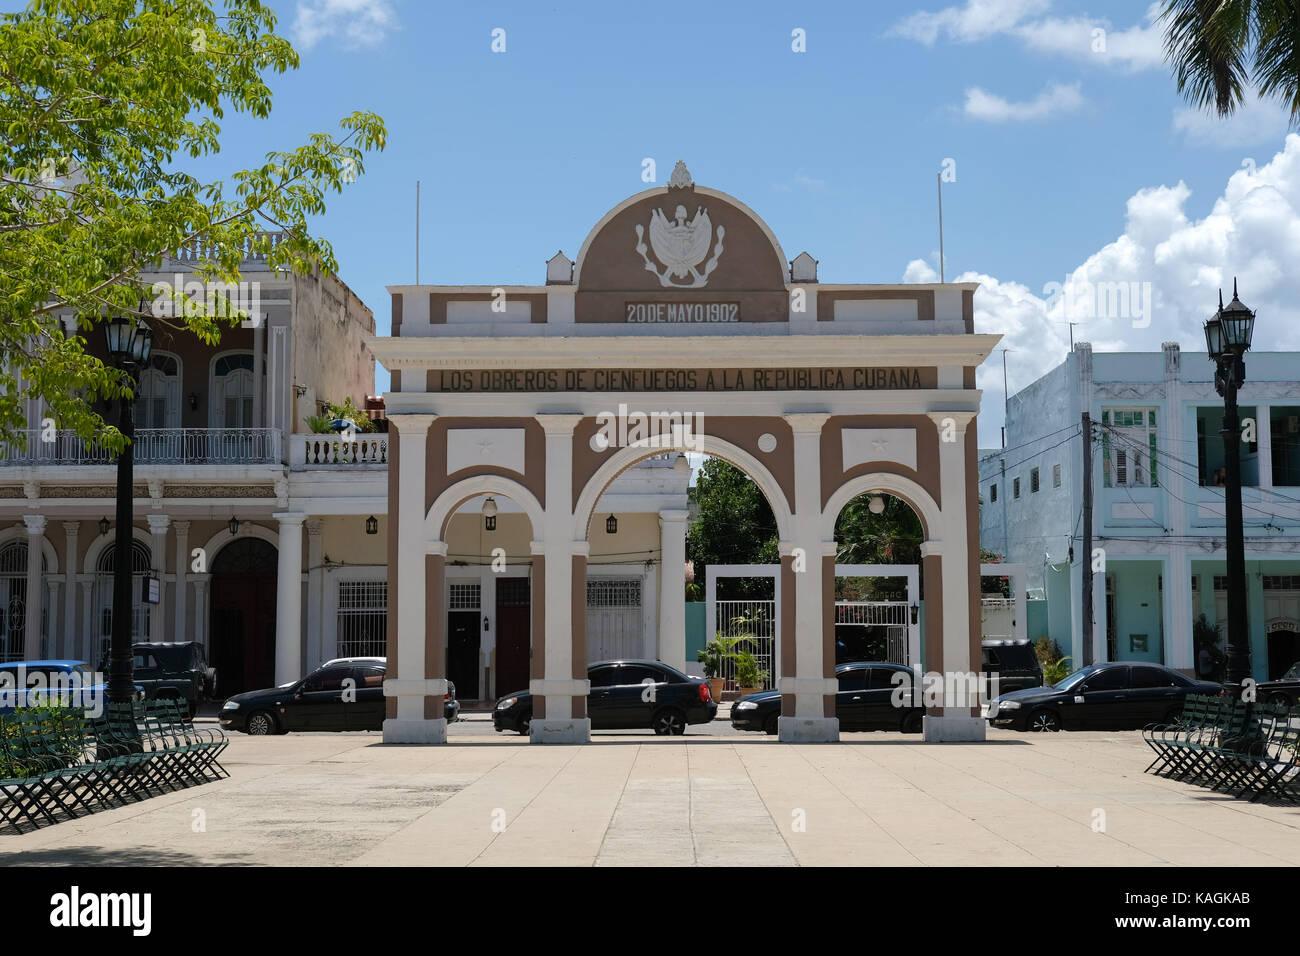 Arco de Triunfo (Triumphal Arch) in Cienfuegos, Cuba. Stock Photo